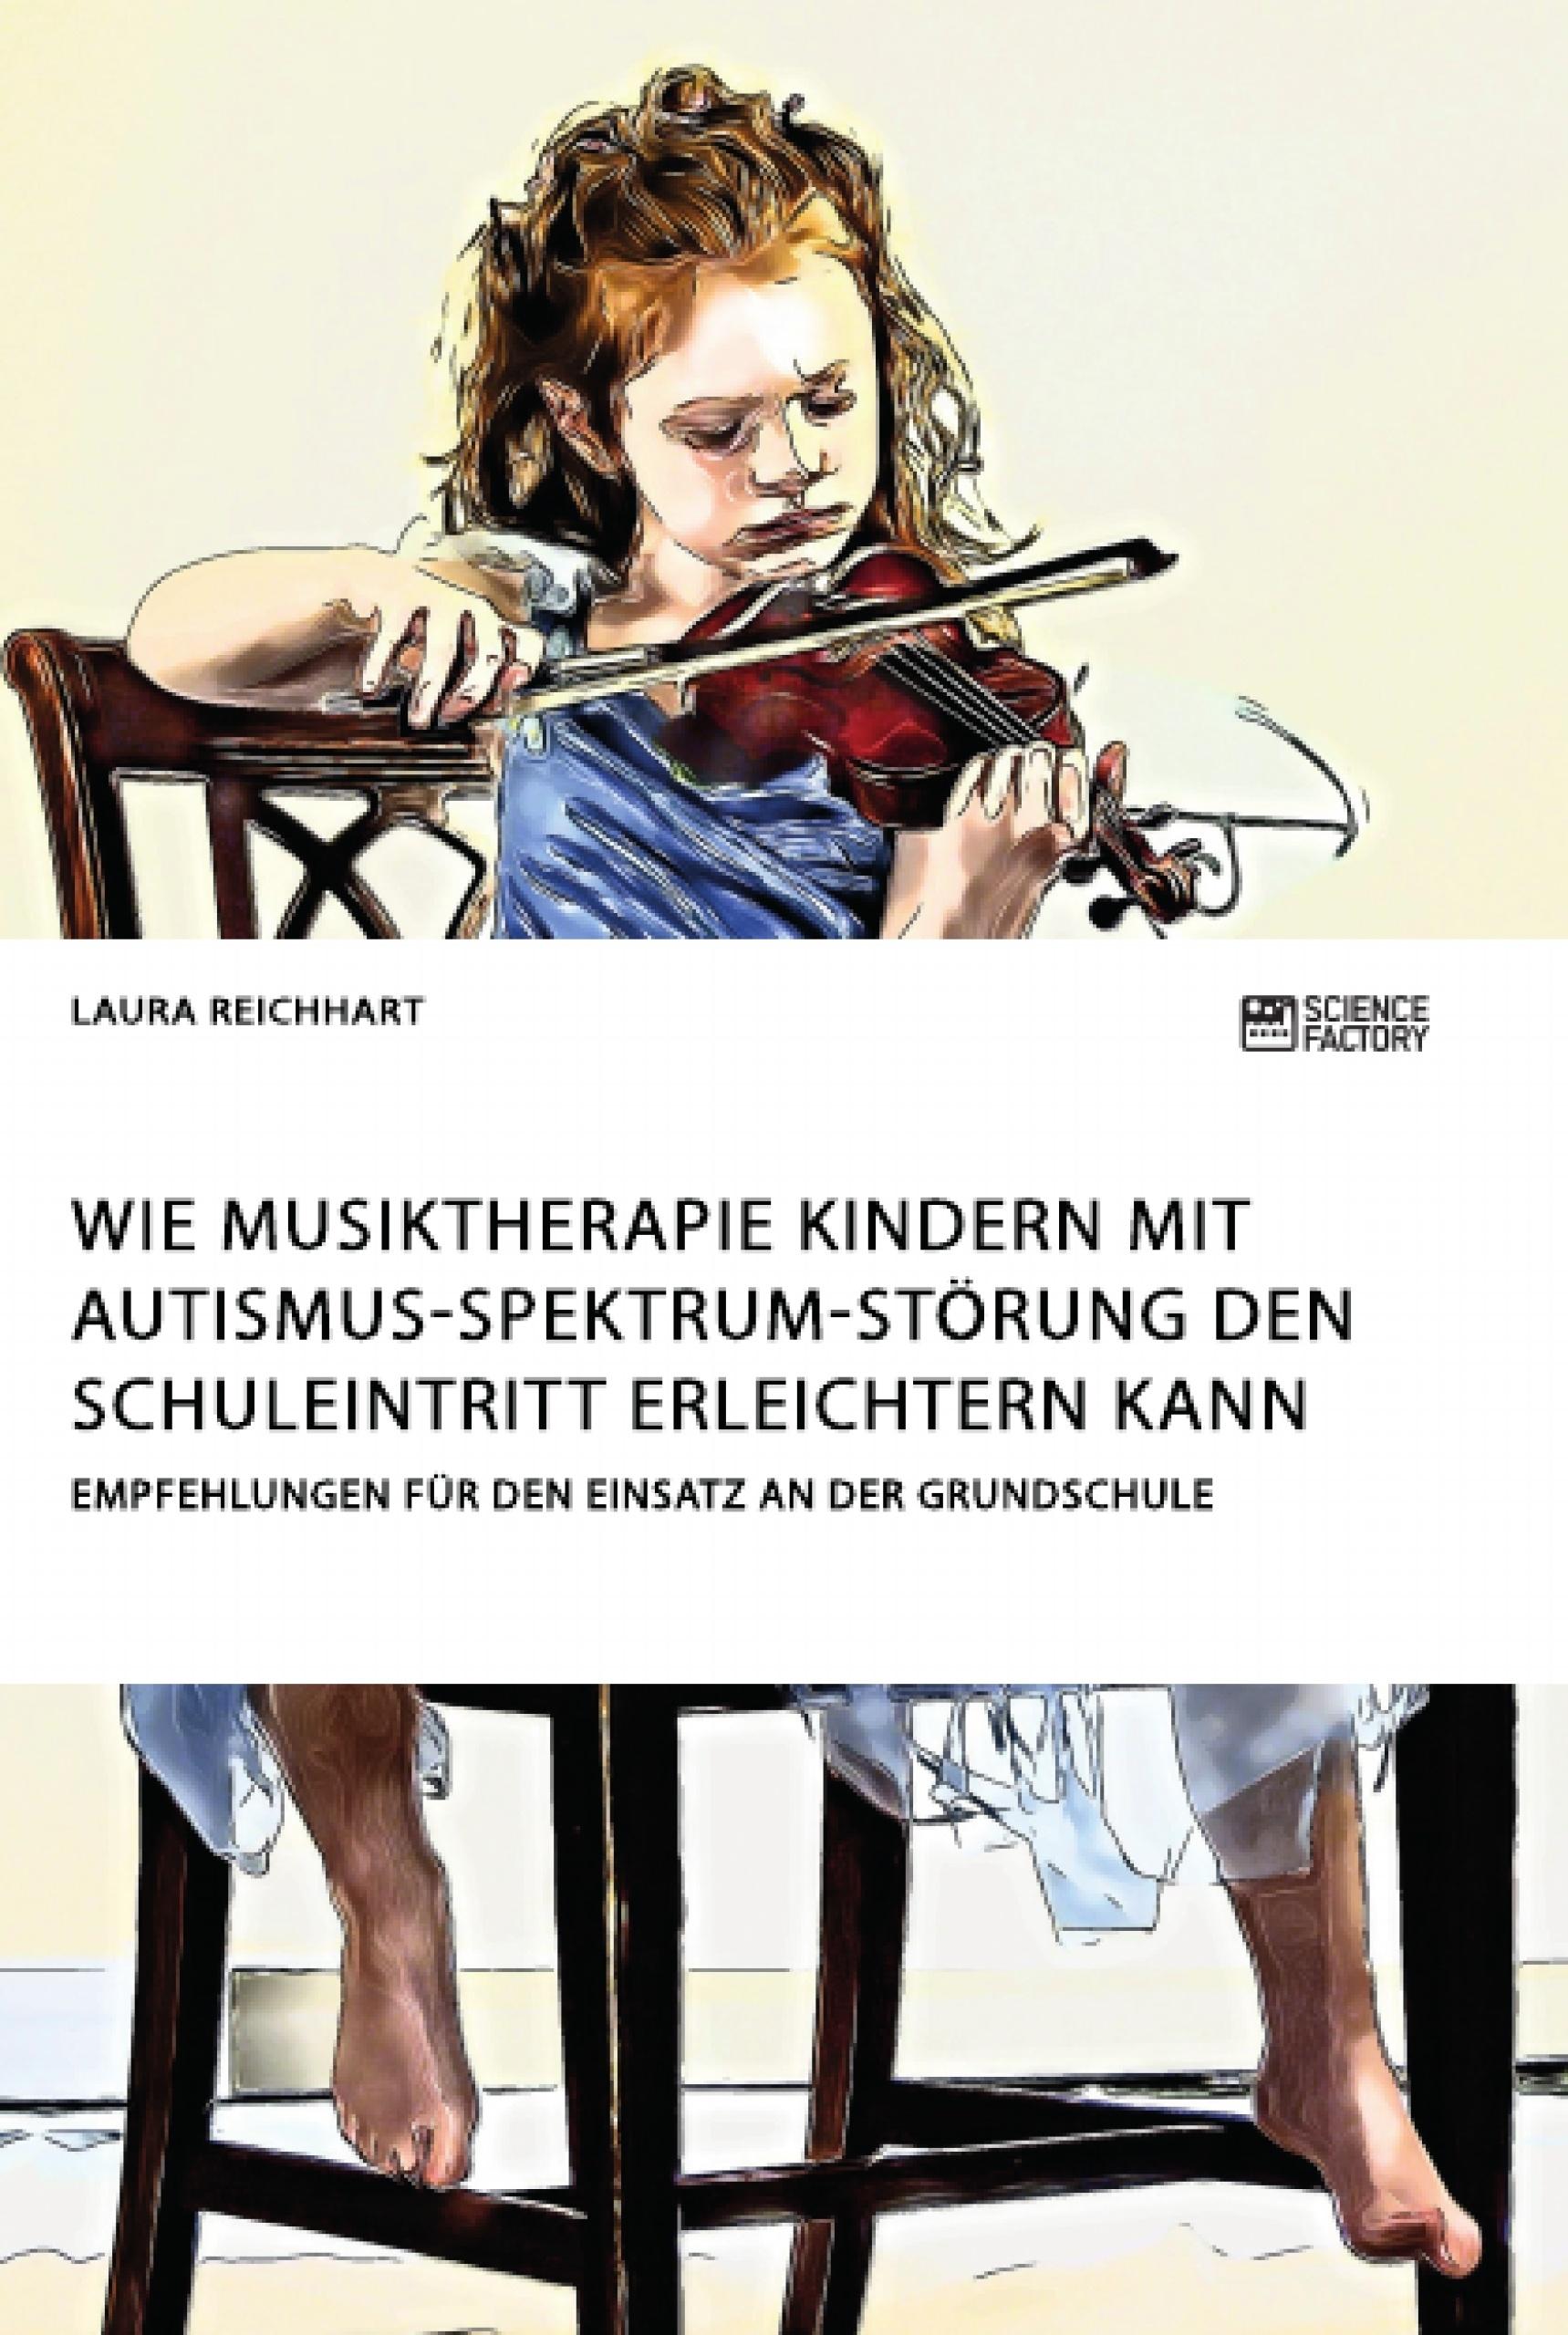 Titel: Wie Musiktherapie Kindern mit Autismus-Spektrum-Störung den Schuleintritt erleichtern kann. Empfehlungen für den Einsatz an der Grundschule